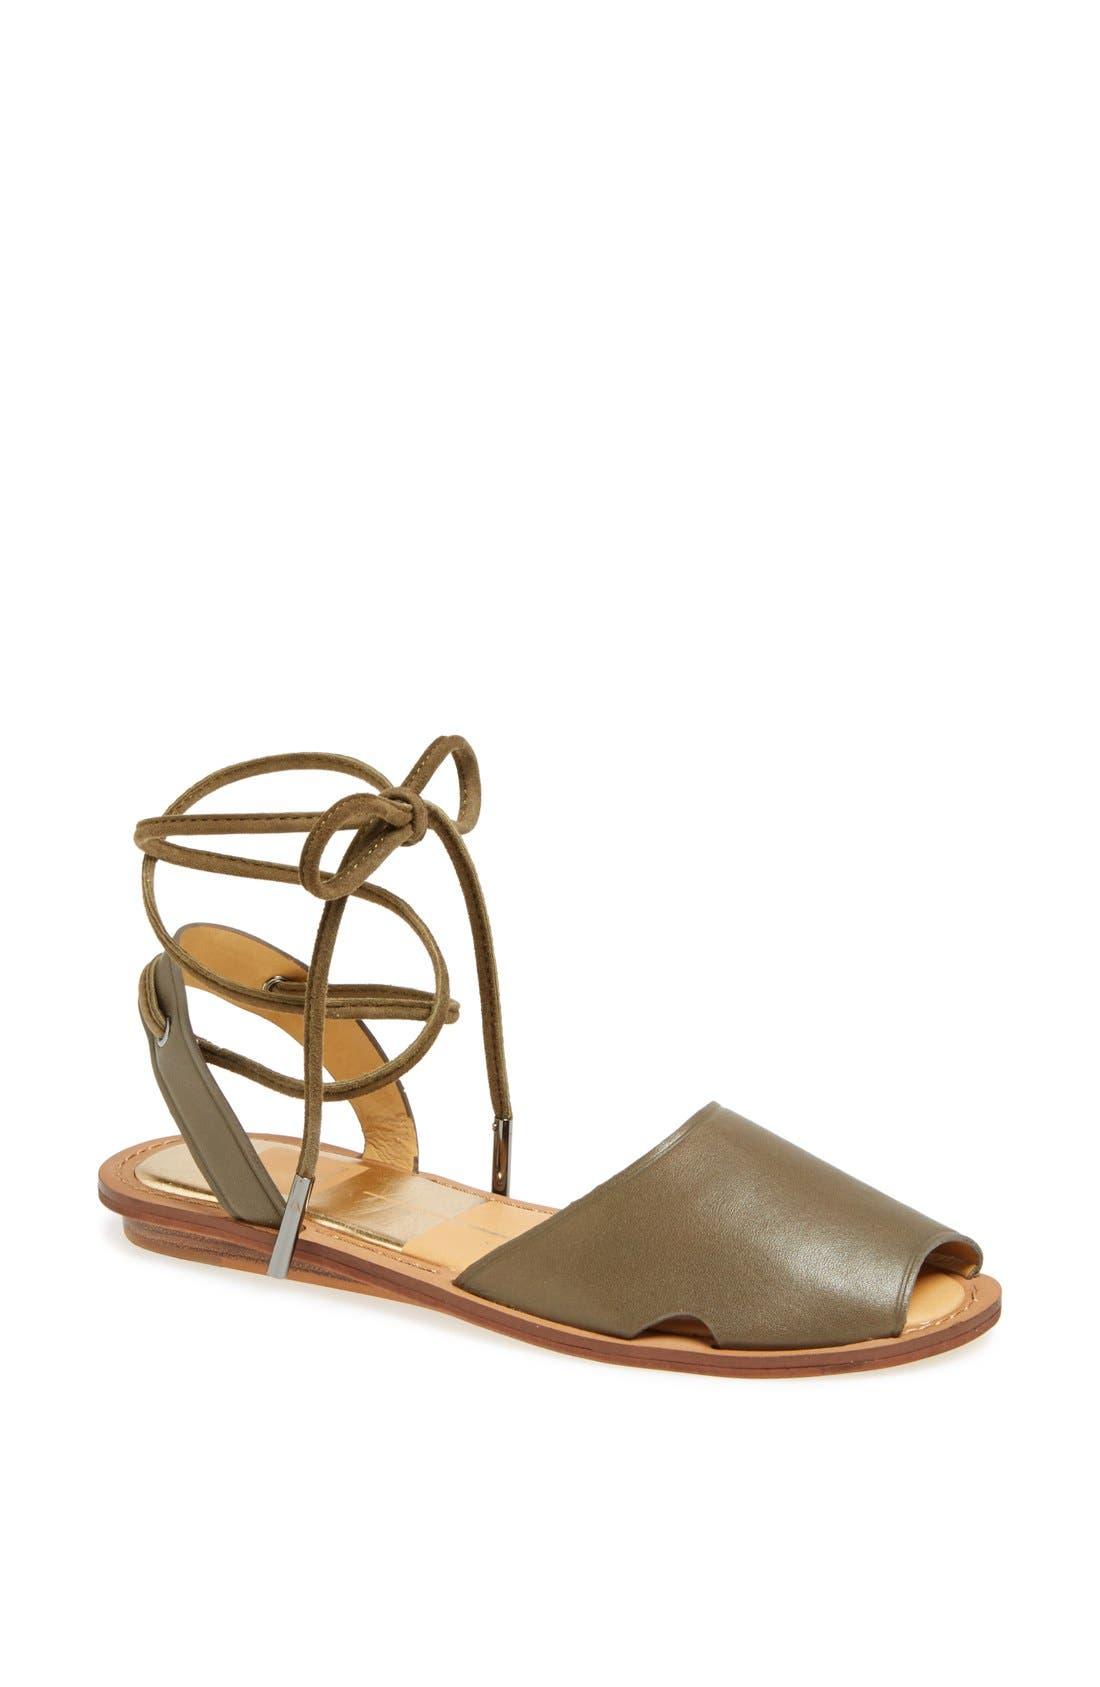 Main Image - Dolce Vita 'Damalis' Sandal